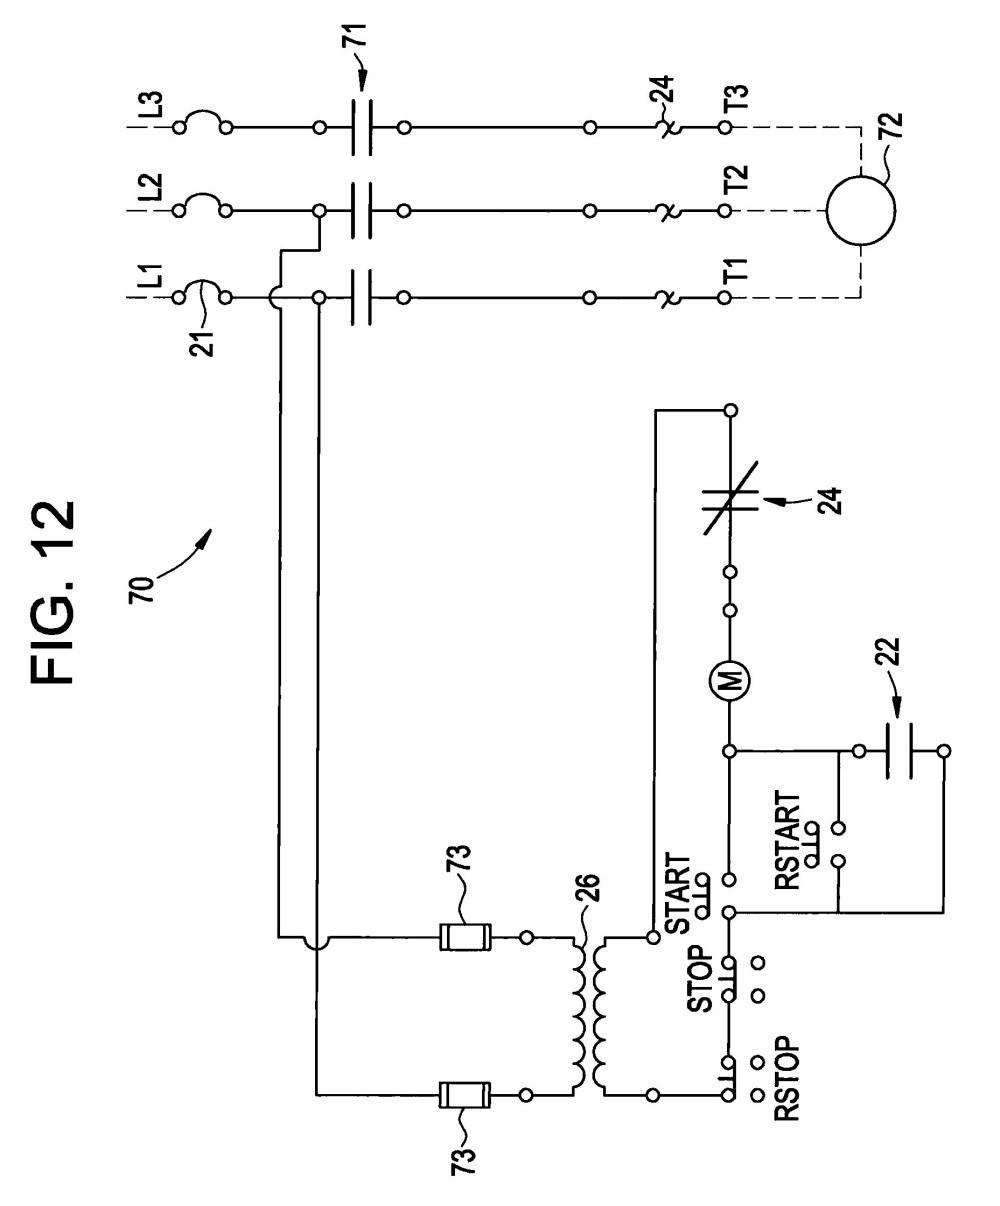 medium resolution of square d wiring diagram square d wiring diagram book file 0140 new wiring diagram book